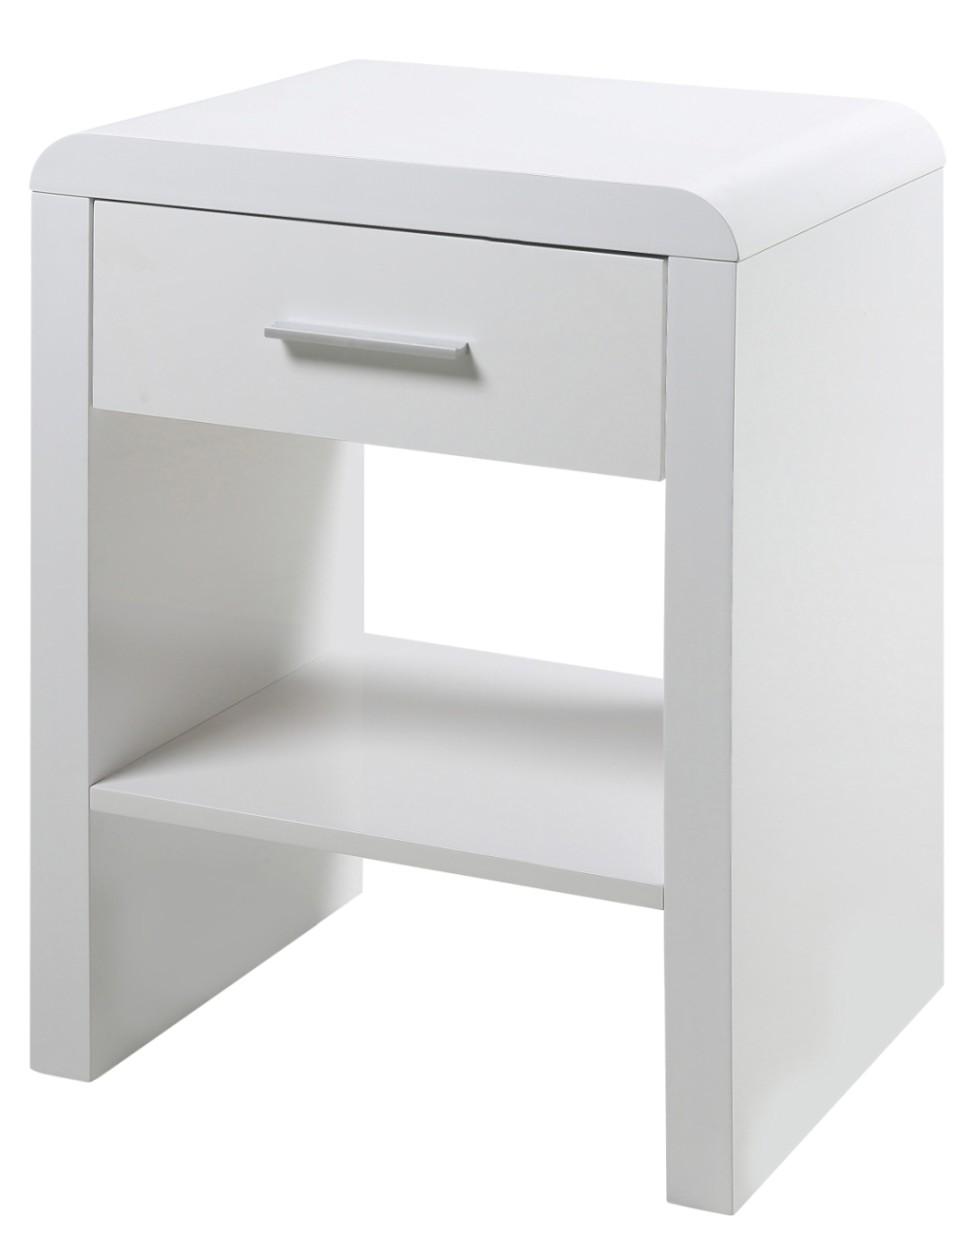 ikea nachtkastje wit hoogglans beste inspiratie voor huis ontwerp. Black Bedroom Furniture Sets. Home Design Ideas